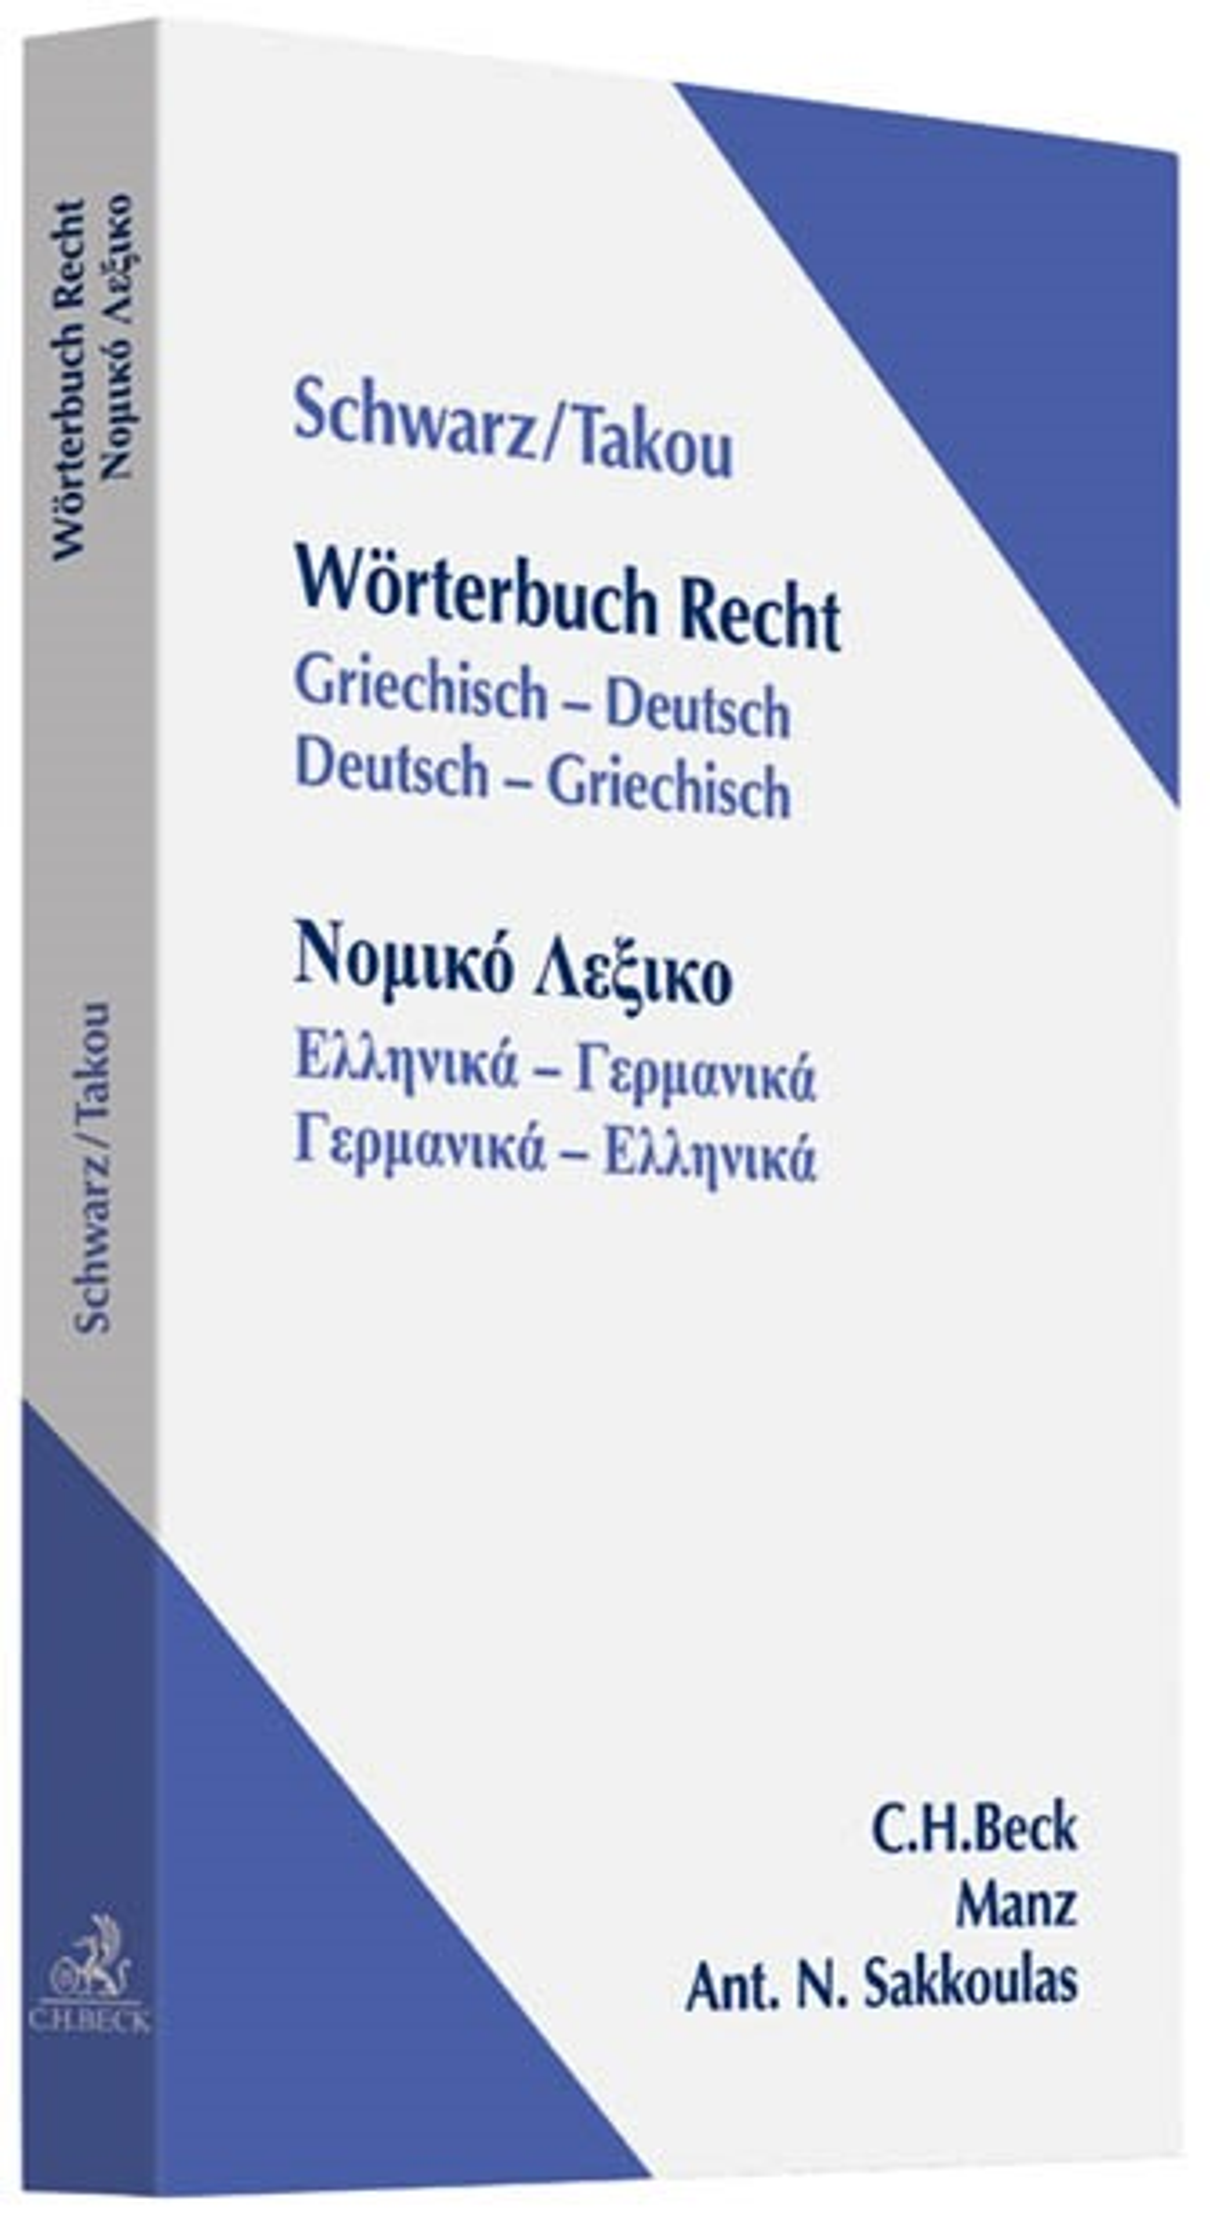 Abbildung von Schwarz / Takou | Wörterbuch Recht | 2012